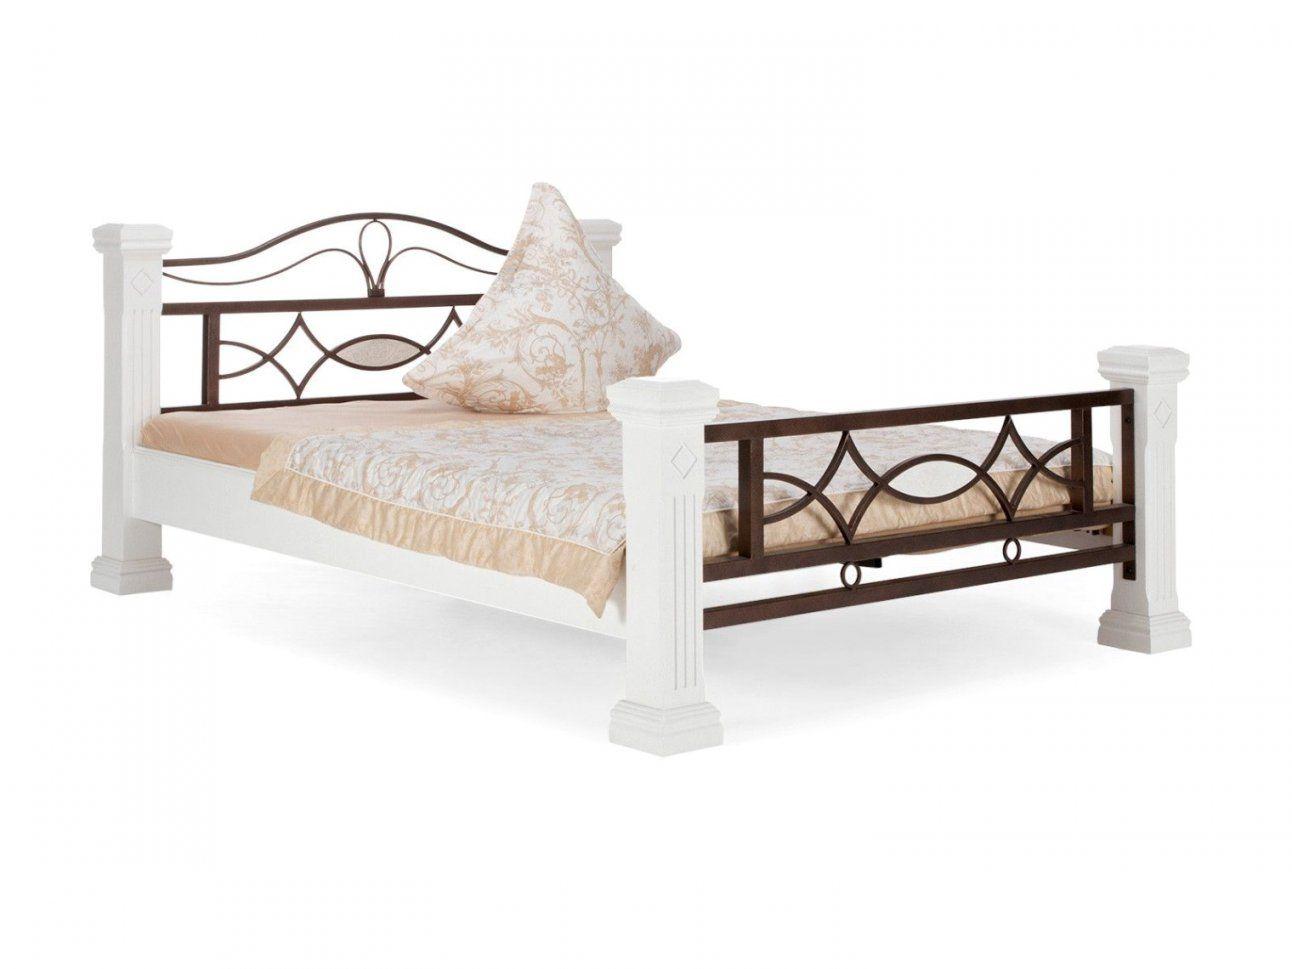 bett 90 200 weiss bett 90 200 weiss stauraum massivholz bett weiss von bett metall wei 90x200. Black Bedroom Furniture Sets. Home Design Ideas